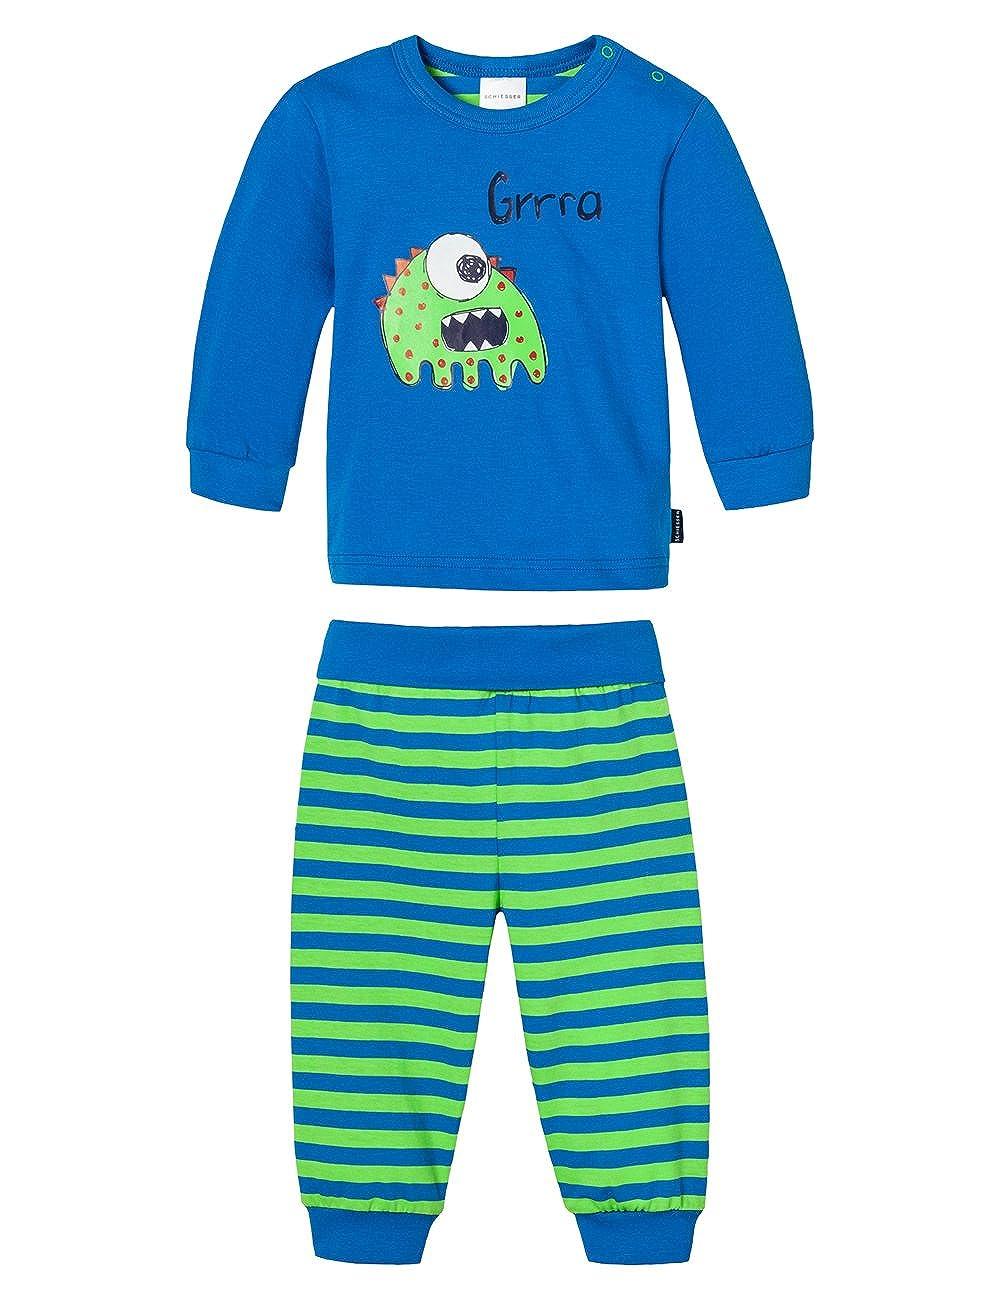 Schiesser Baby - Jungen Zweiteiliger Schlafanzug Baby Anzug 2-Teilig Schiesser AG 146224